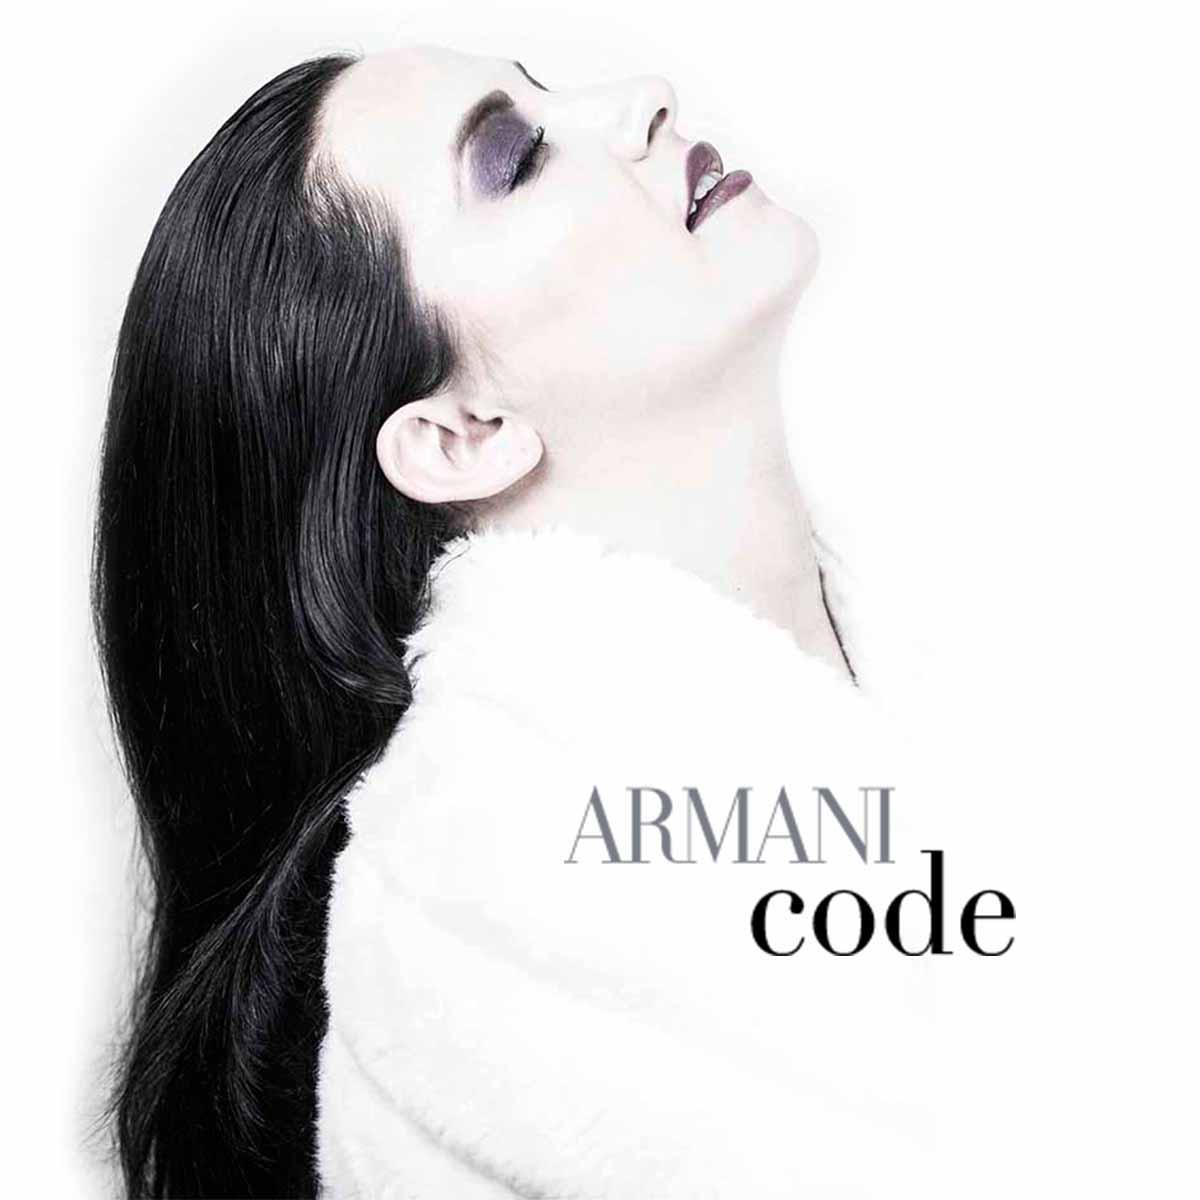 armani code sqaure(website).jpg